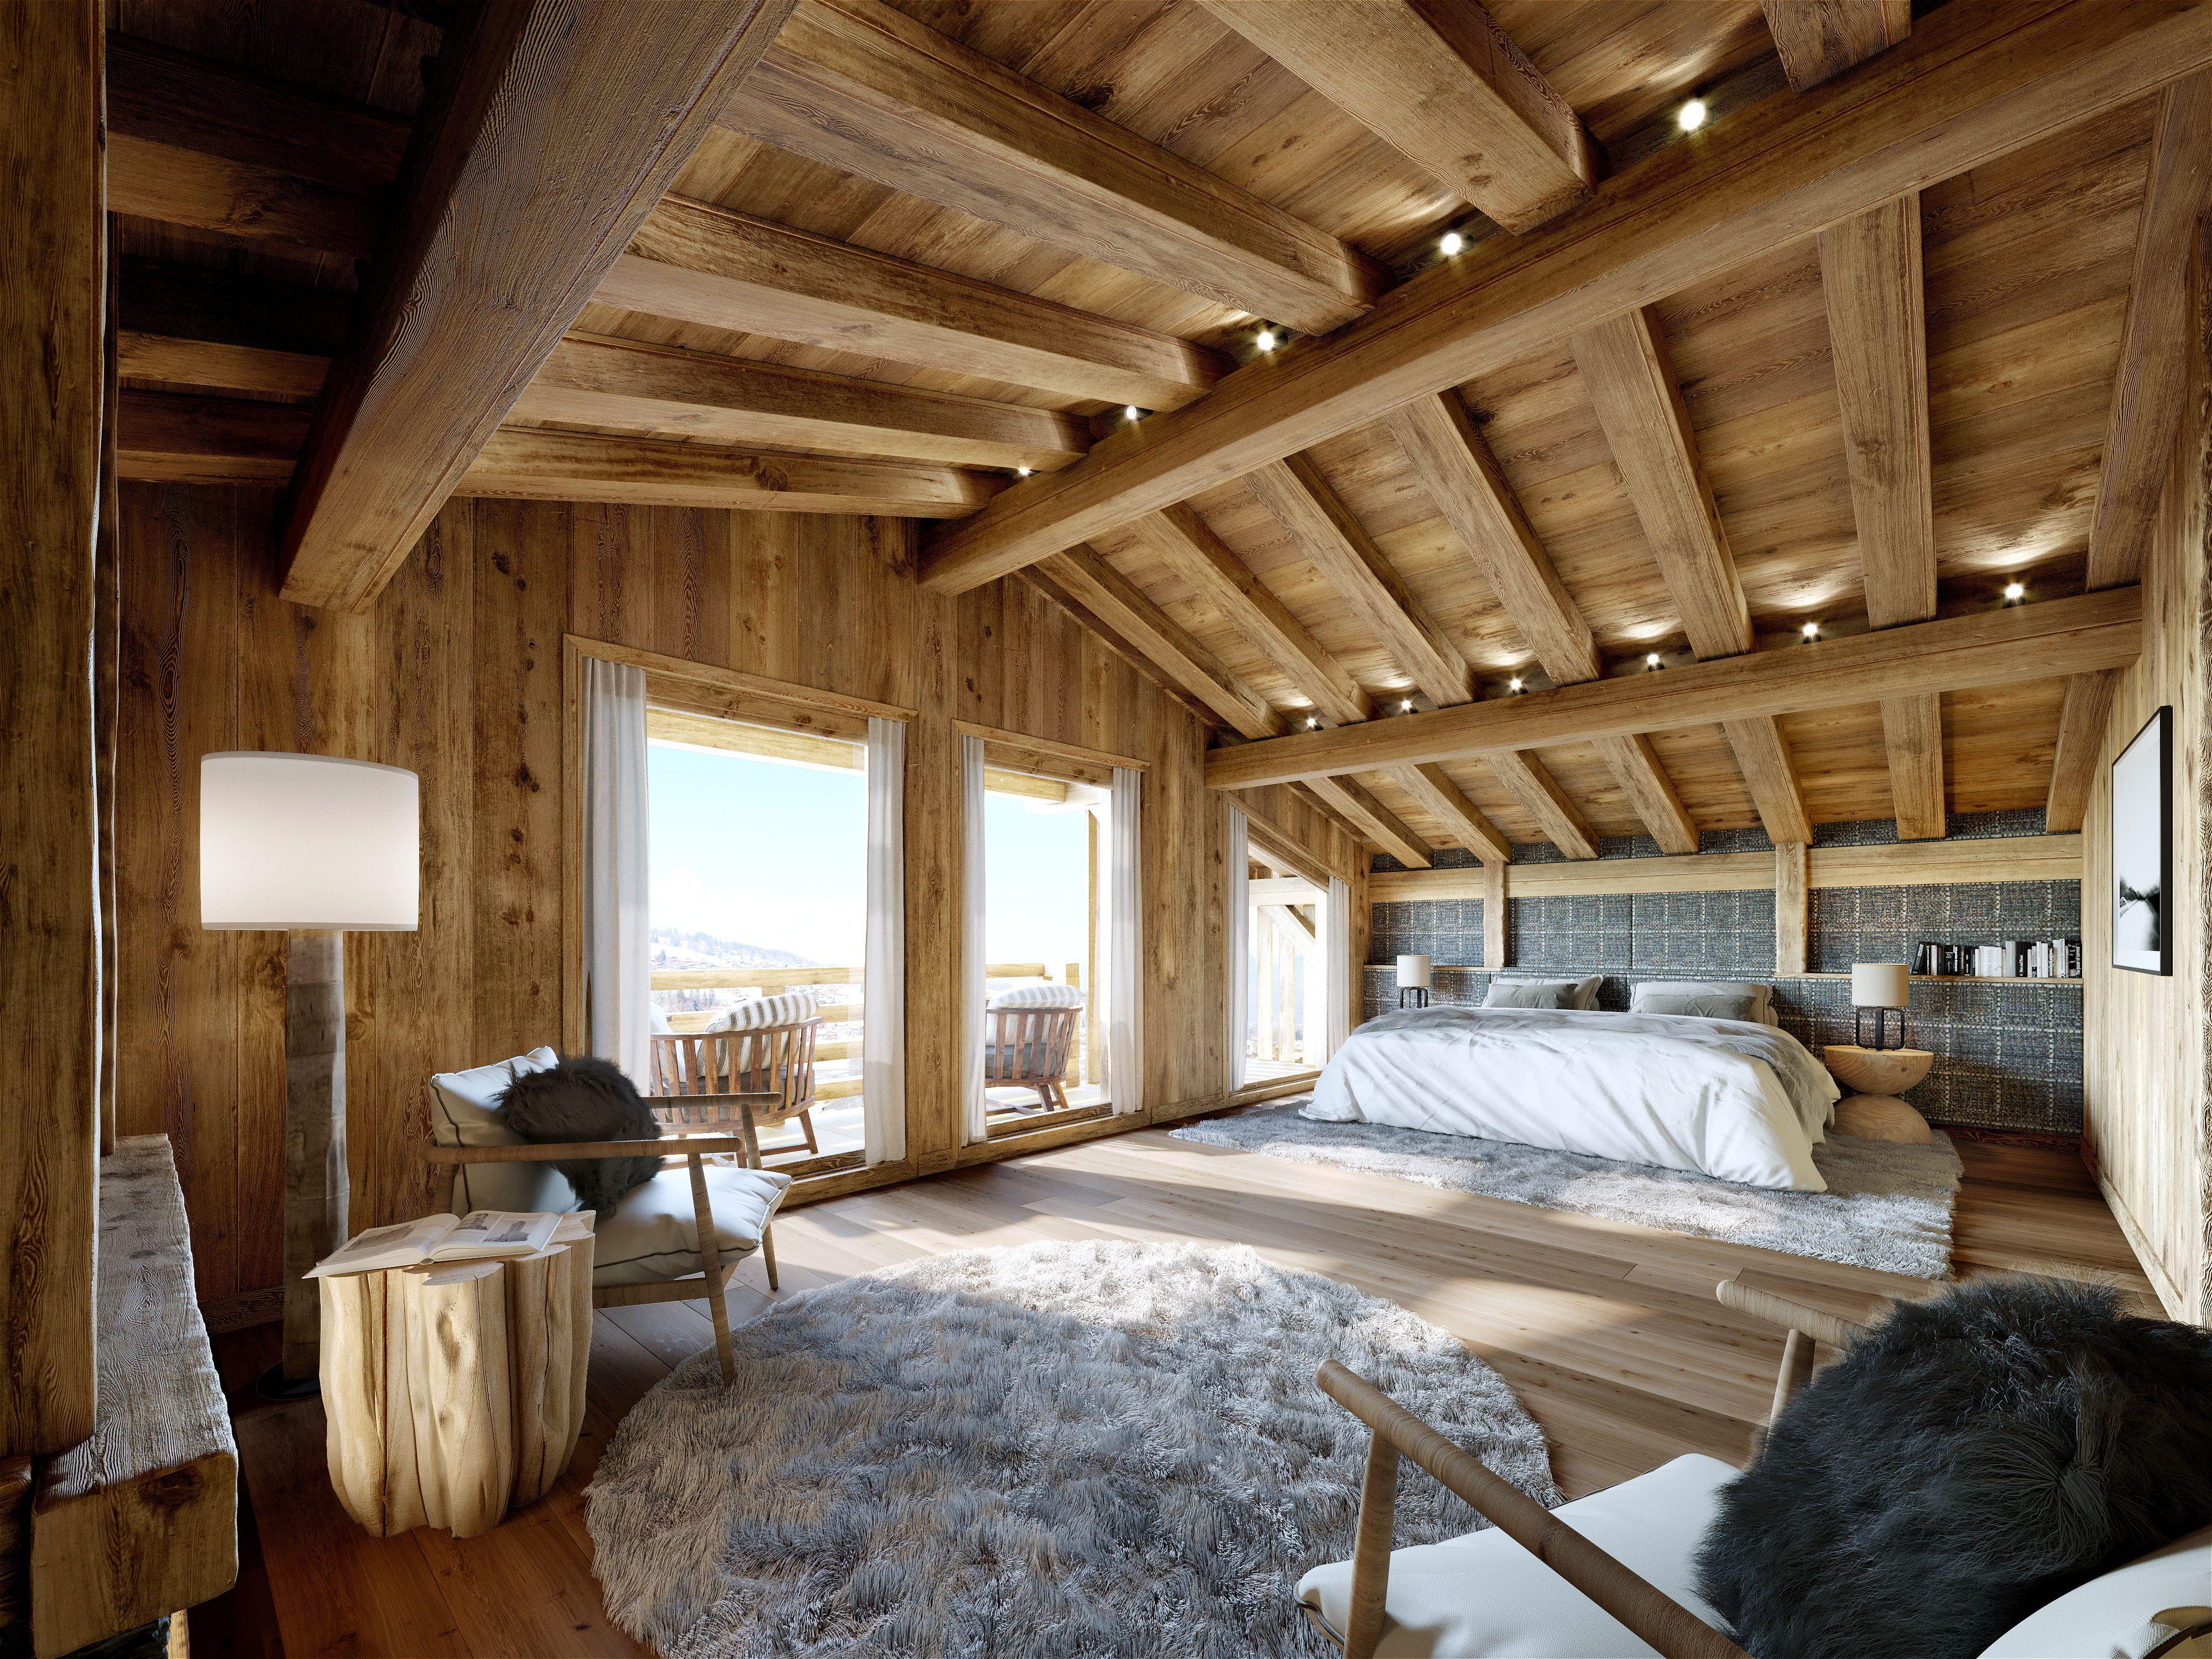 Arkland Chalet Bedroom Chalet, 3d visualization, Chalet